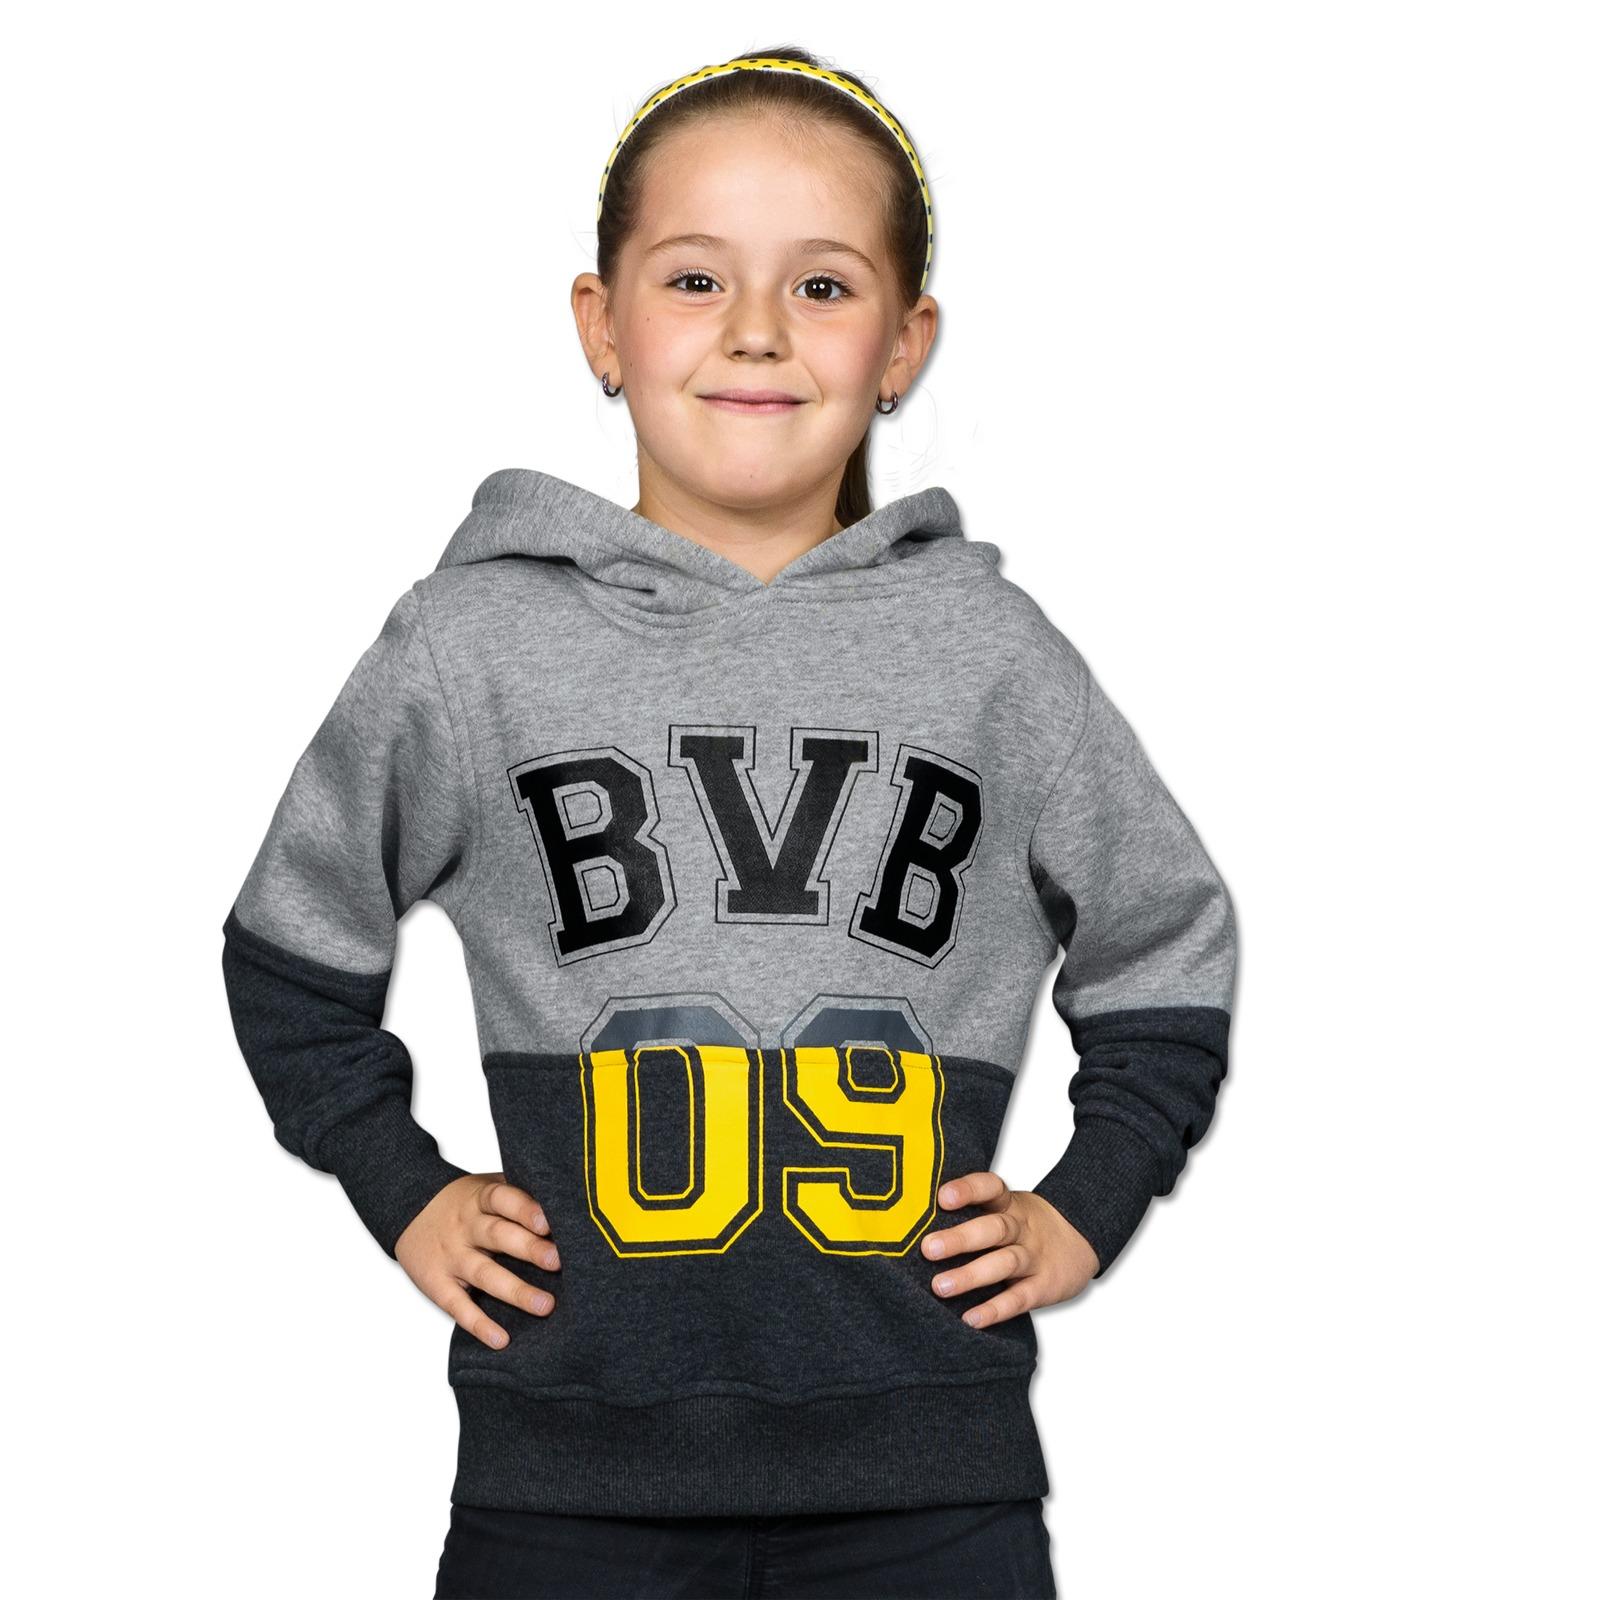 bvb kapuzensweatshirt f kleinkinder pullover jacken kinder offizieller bvb online fanshop. Black Bedroom Furniture Sets. Home Design Ideas